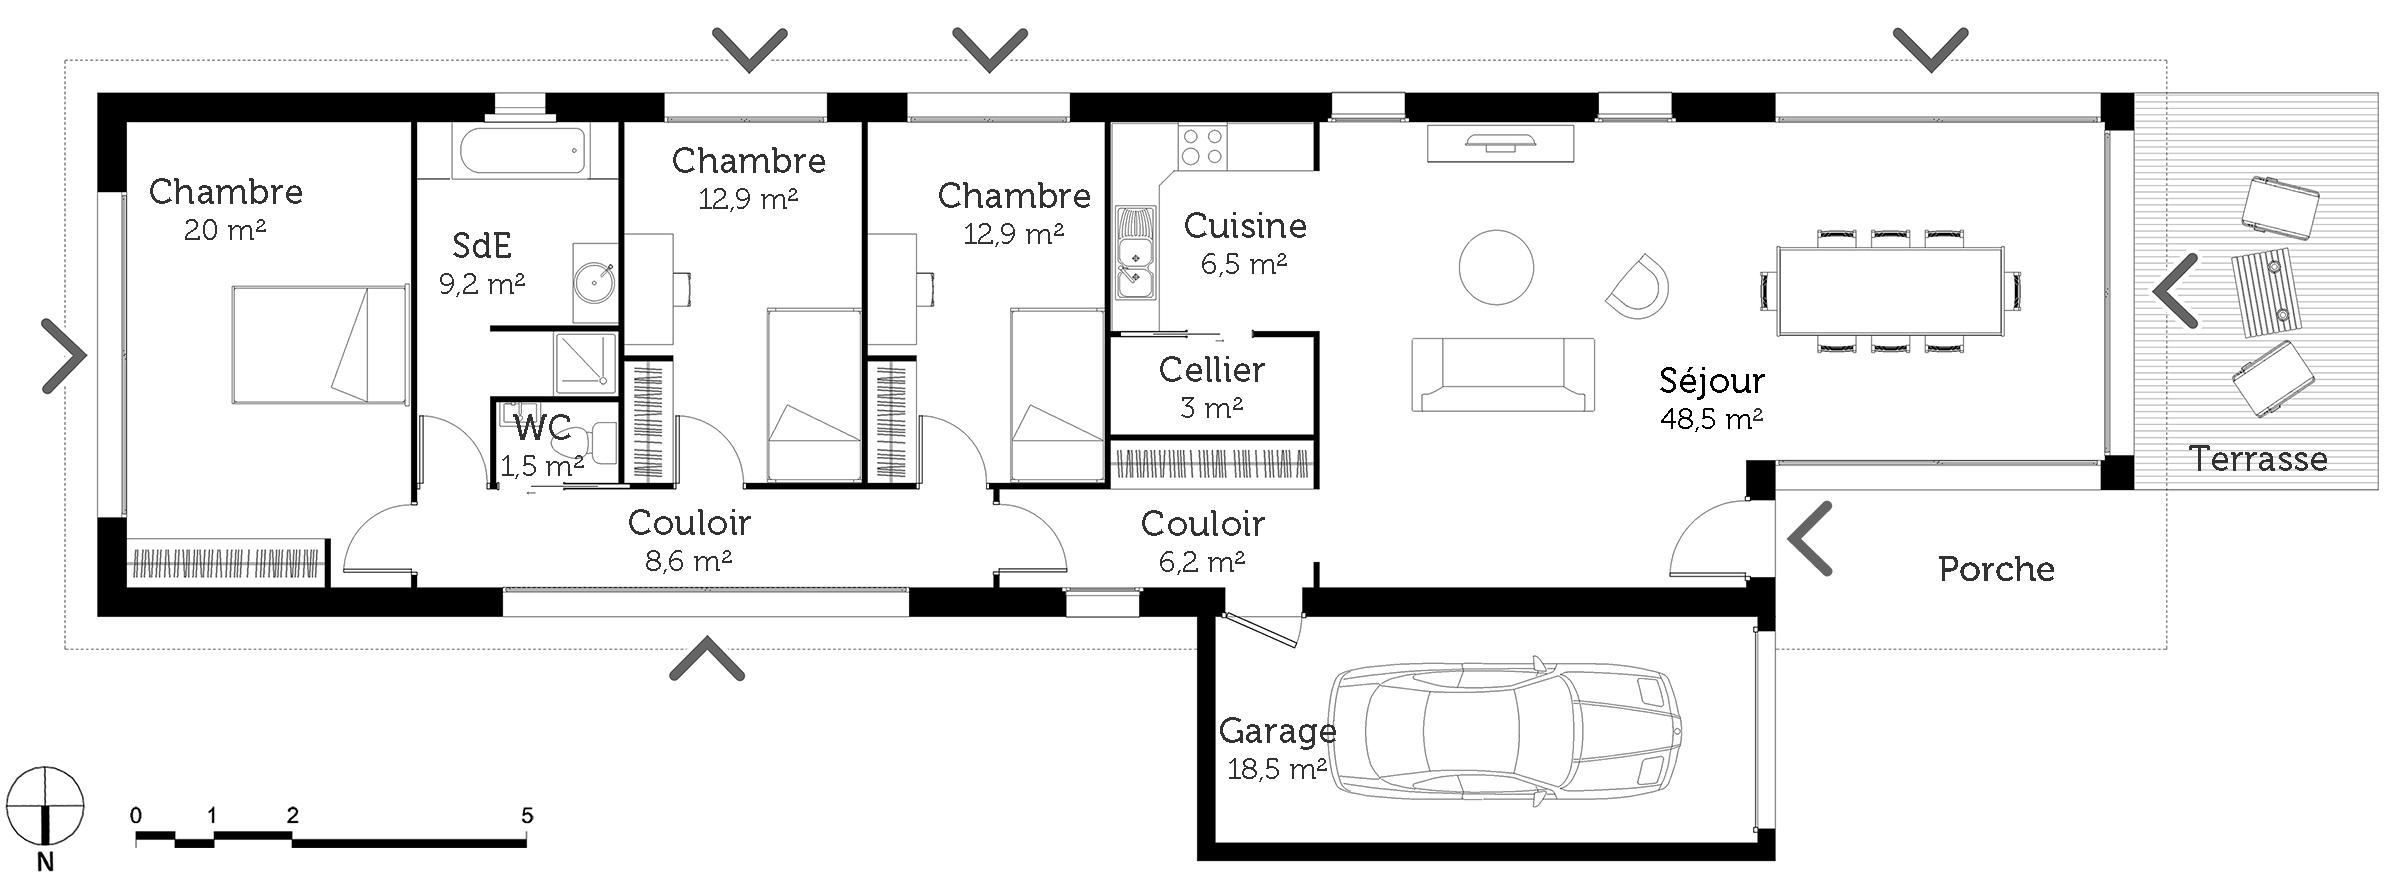 maison plain pied en longueur